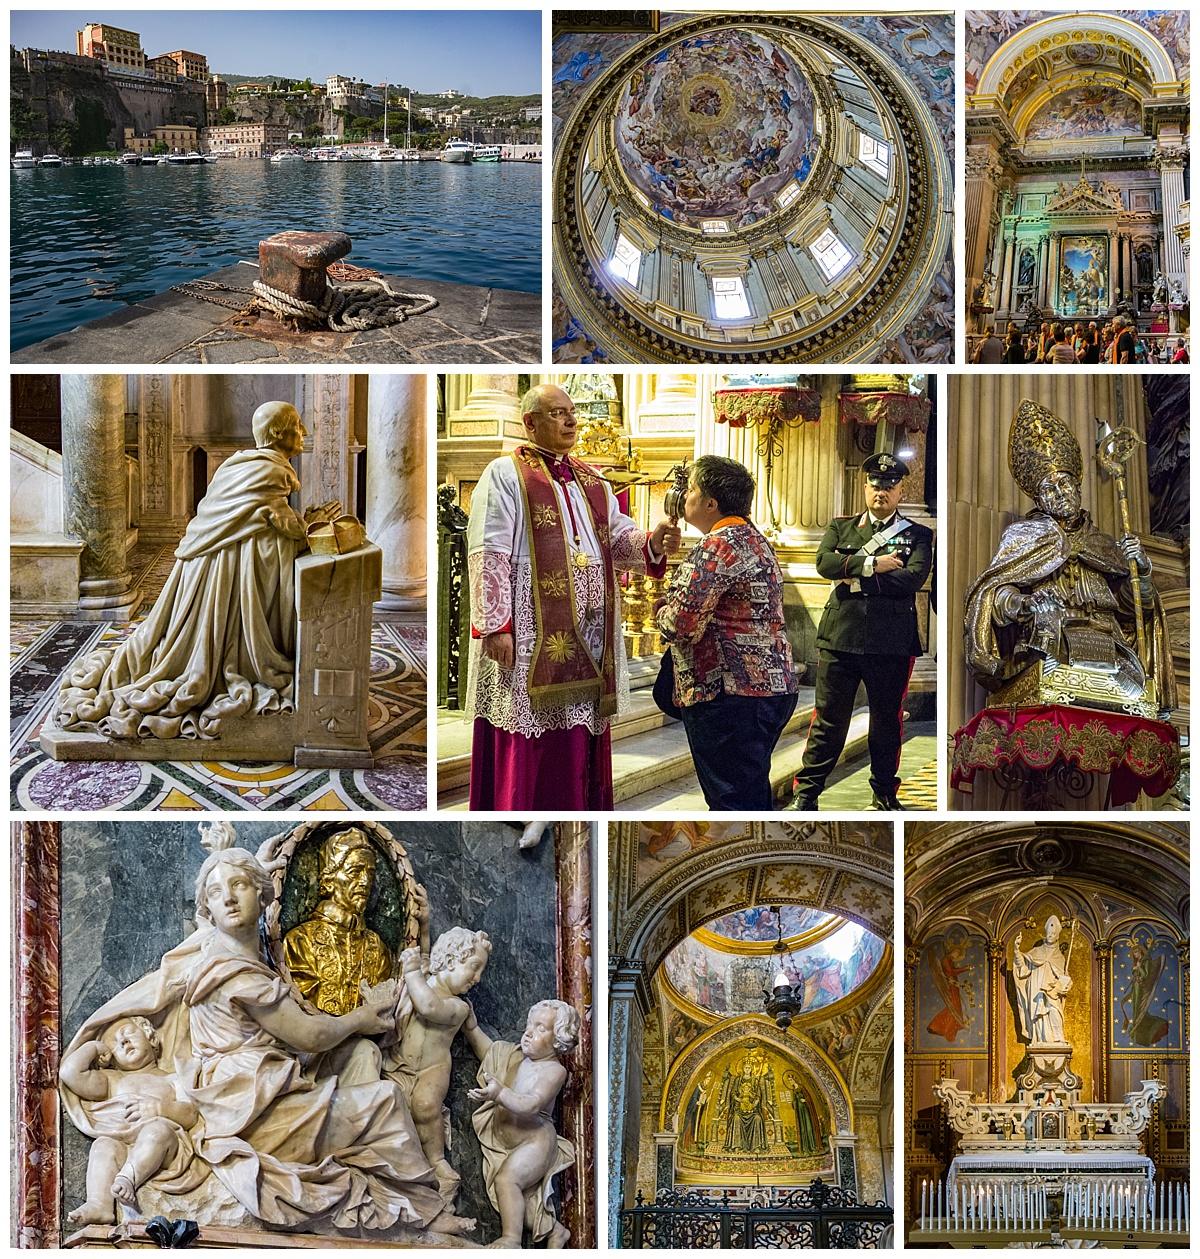 Naples, Italy - church